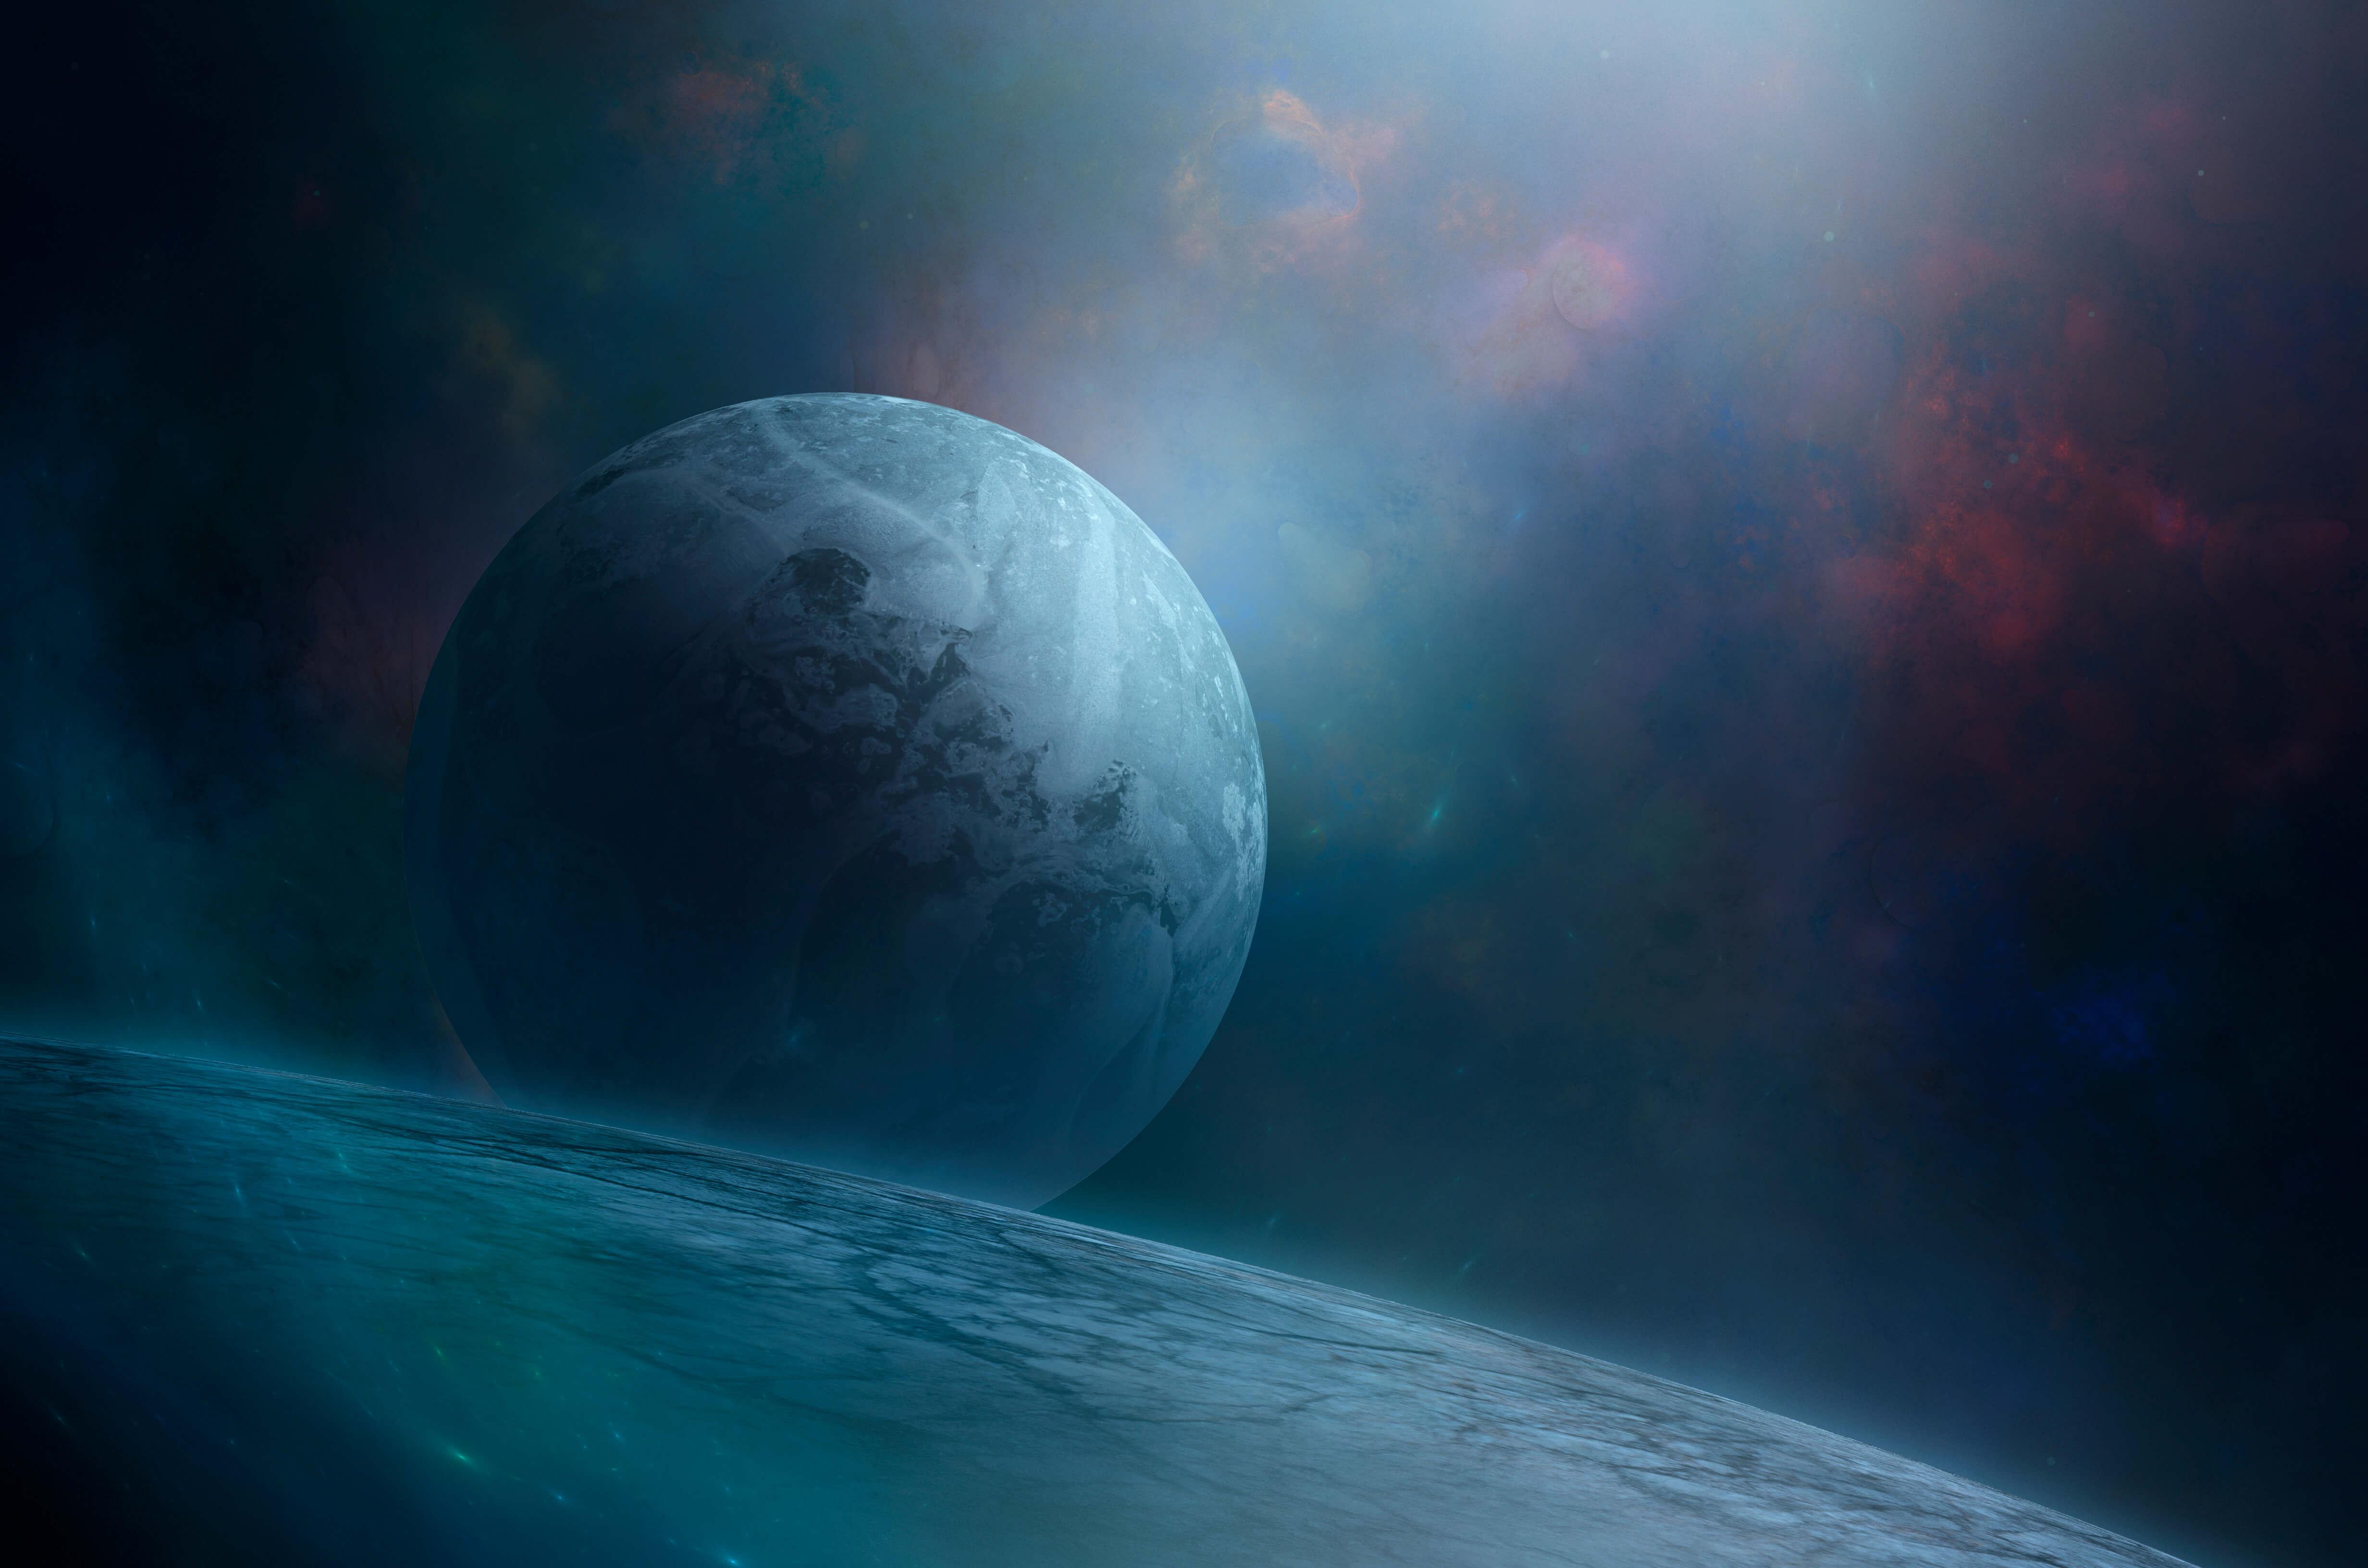 2019.7.20 英語ニュース記事:アポロが月面に着陸して50年